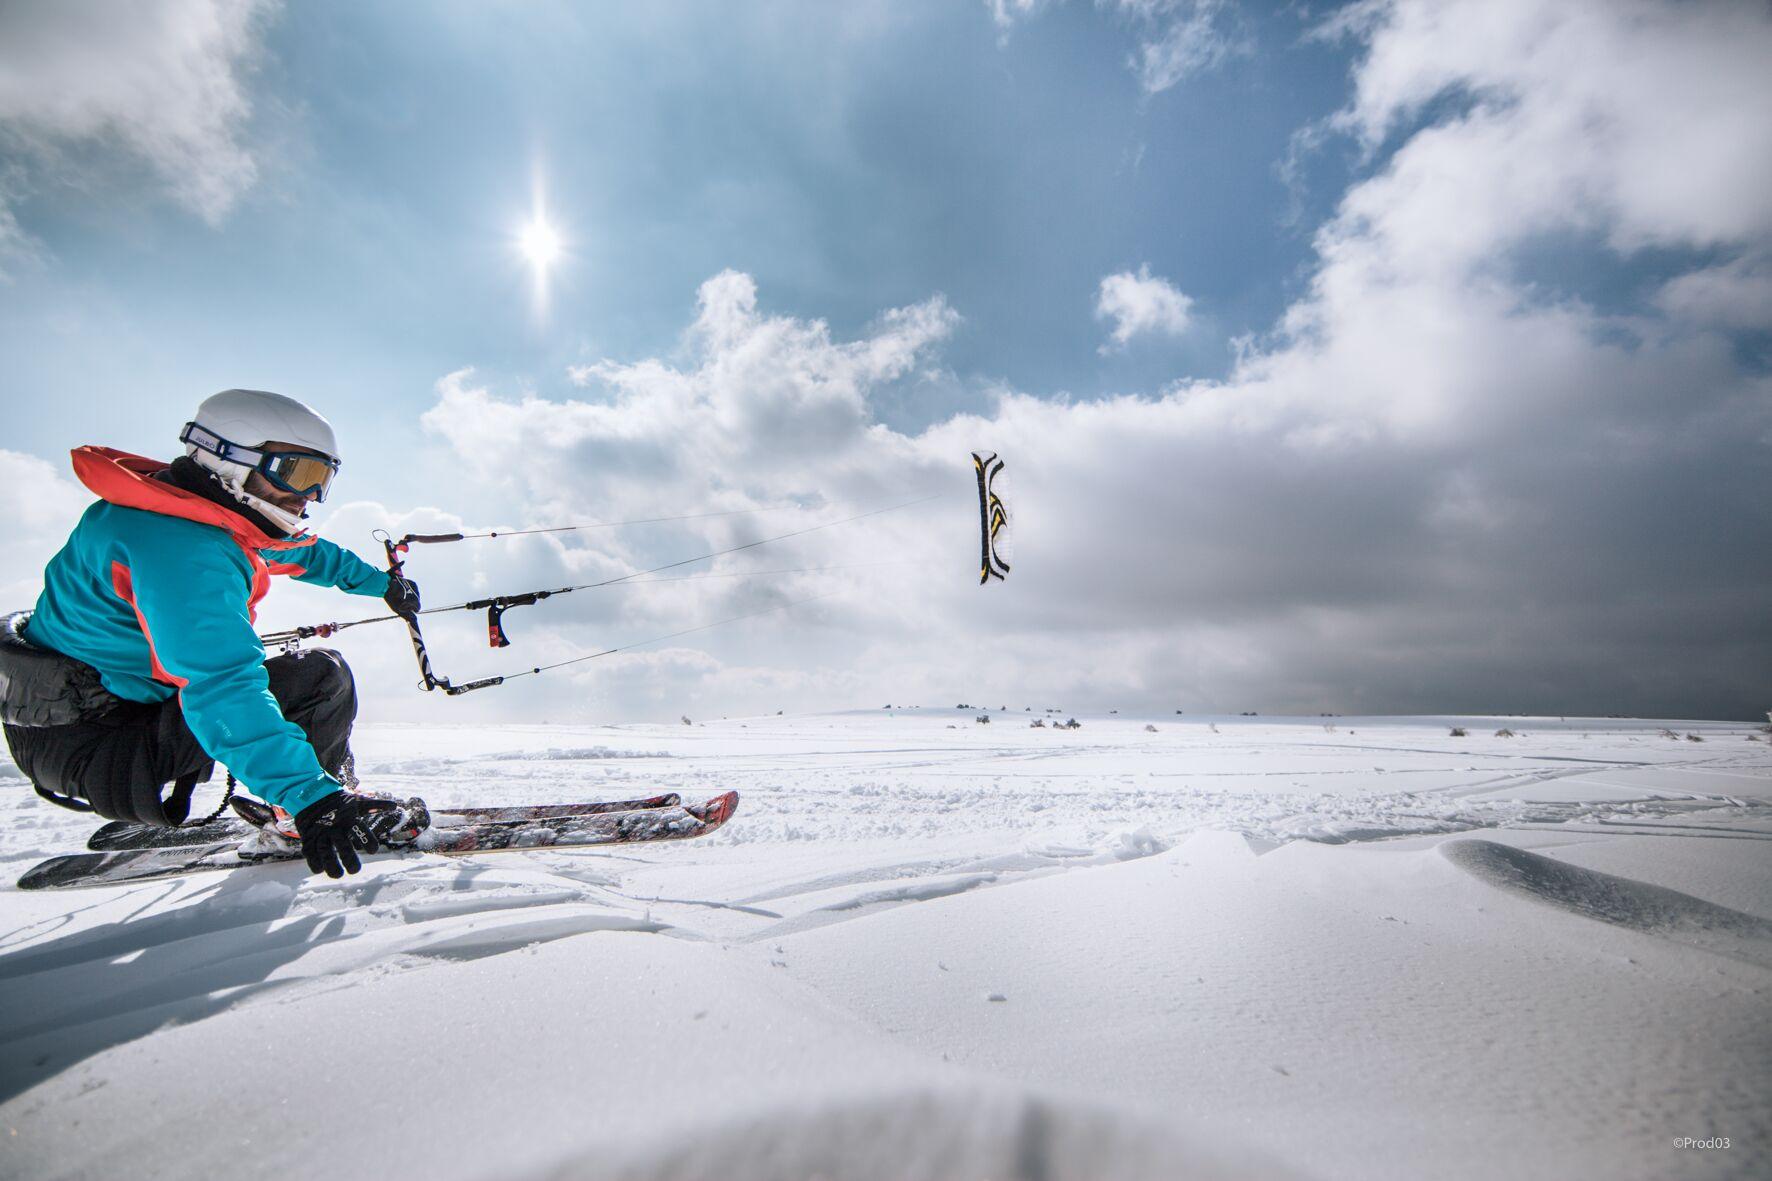 praboure-snowkite-1